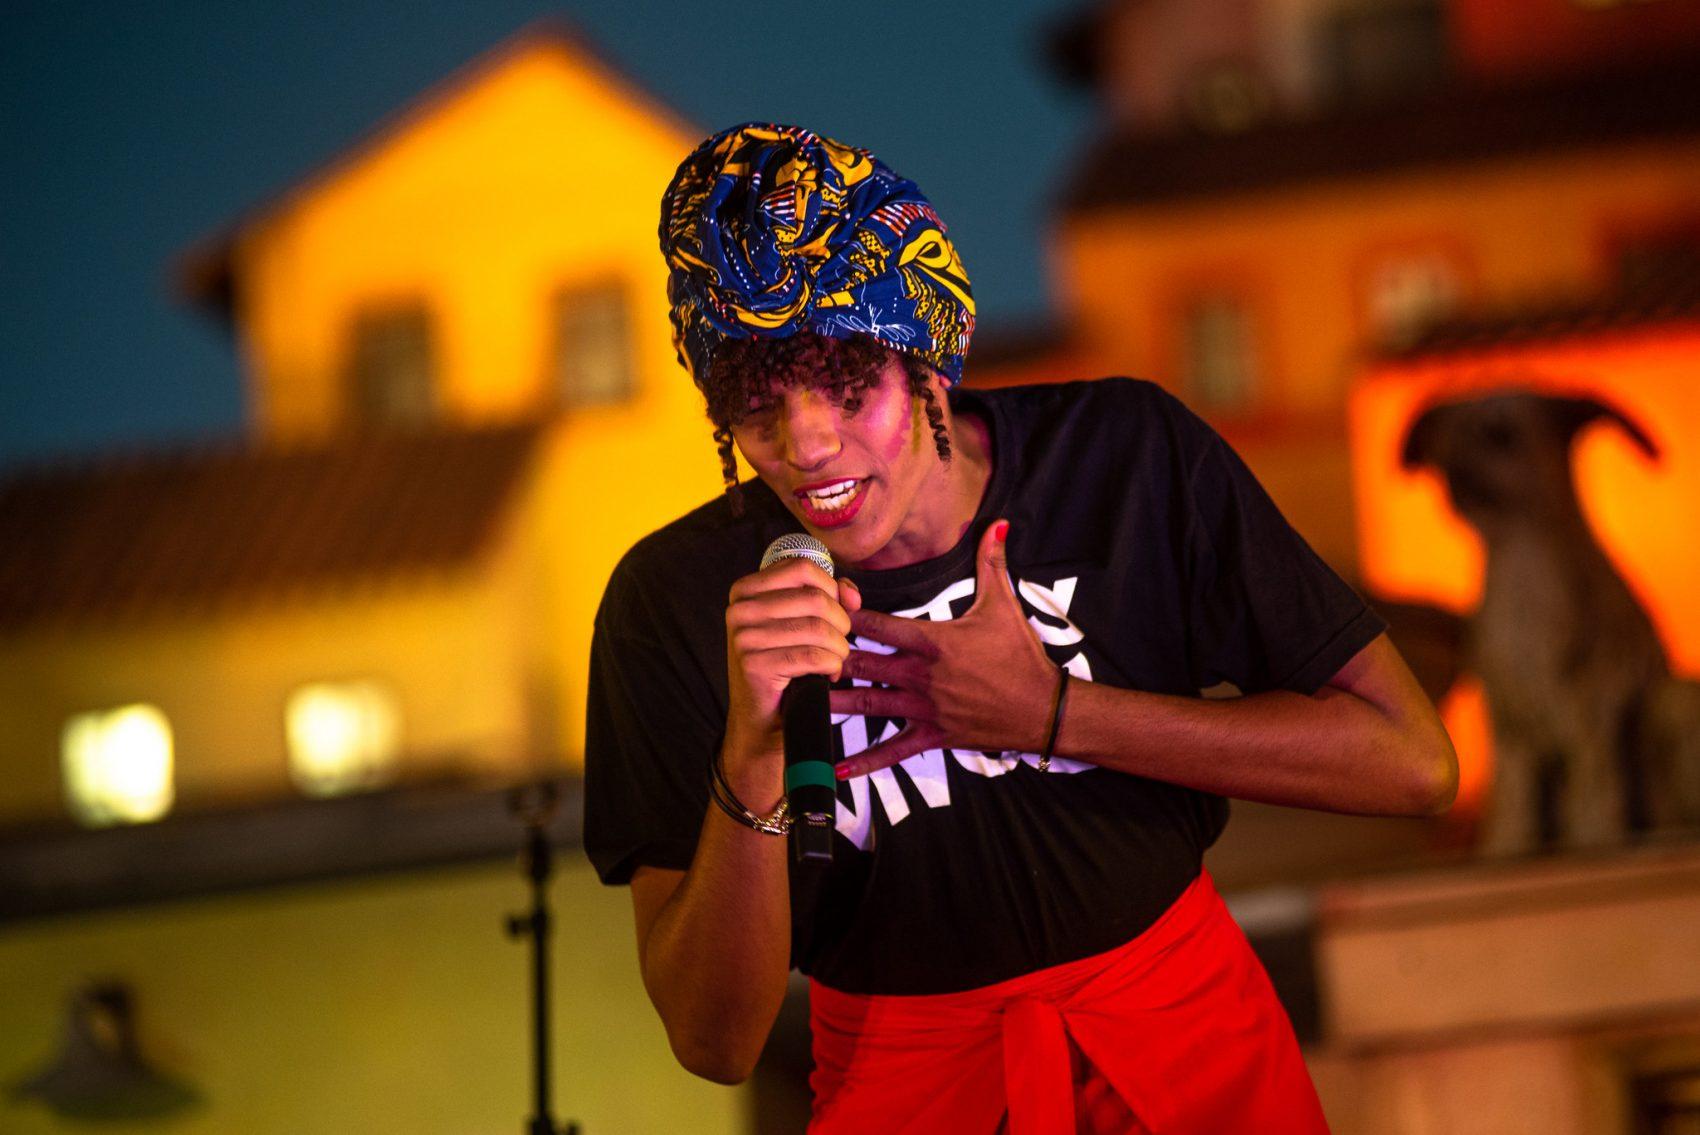 A poeta Valentine Pimenta no slam do Palco Favela do Rock in Rio: mulher trans negra enfrentando os preconceitos (Foto: Rock in Rio/Divulgação)